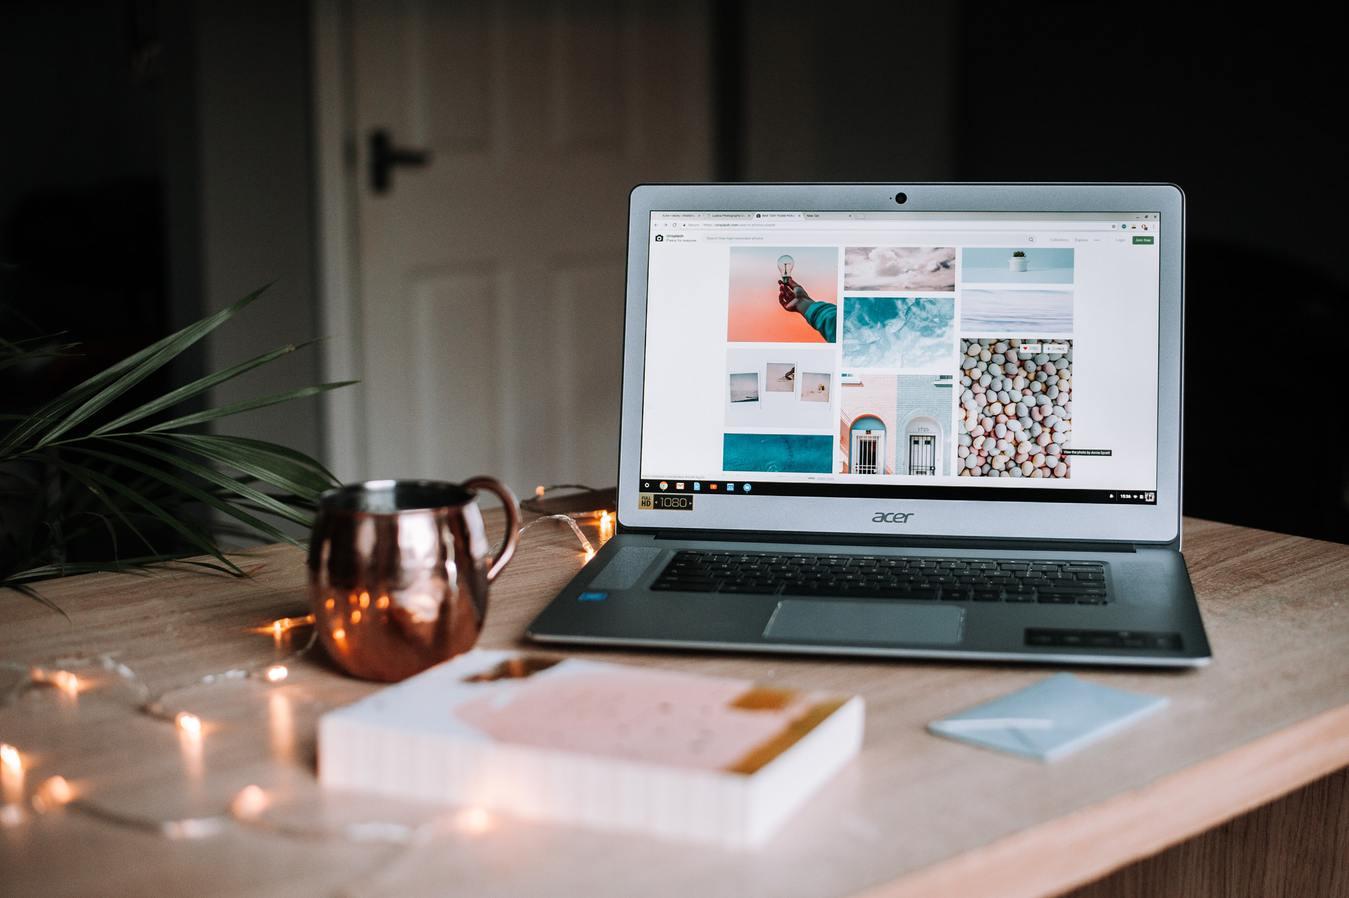 máy tính đặt trên bàn với cốc